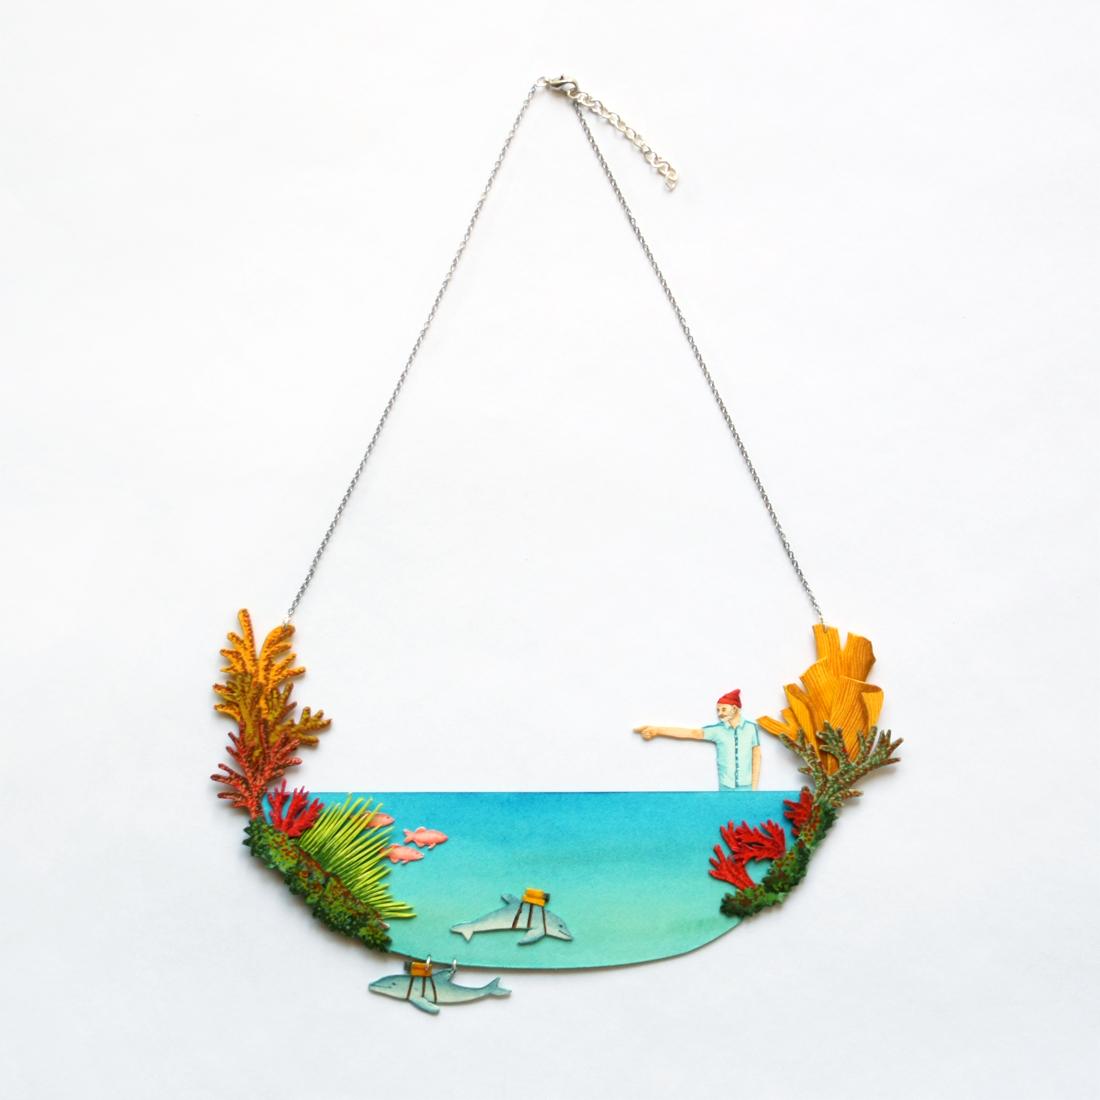 Mar Cerda - Life Aquatic